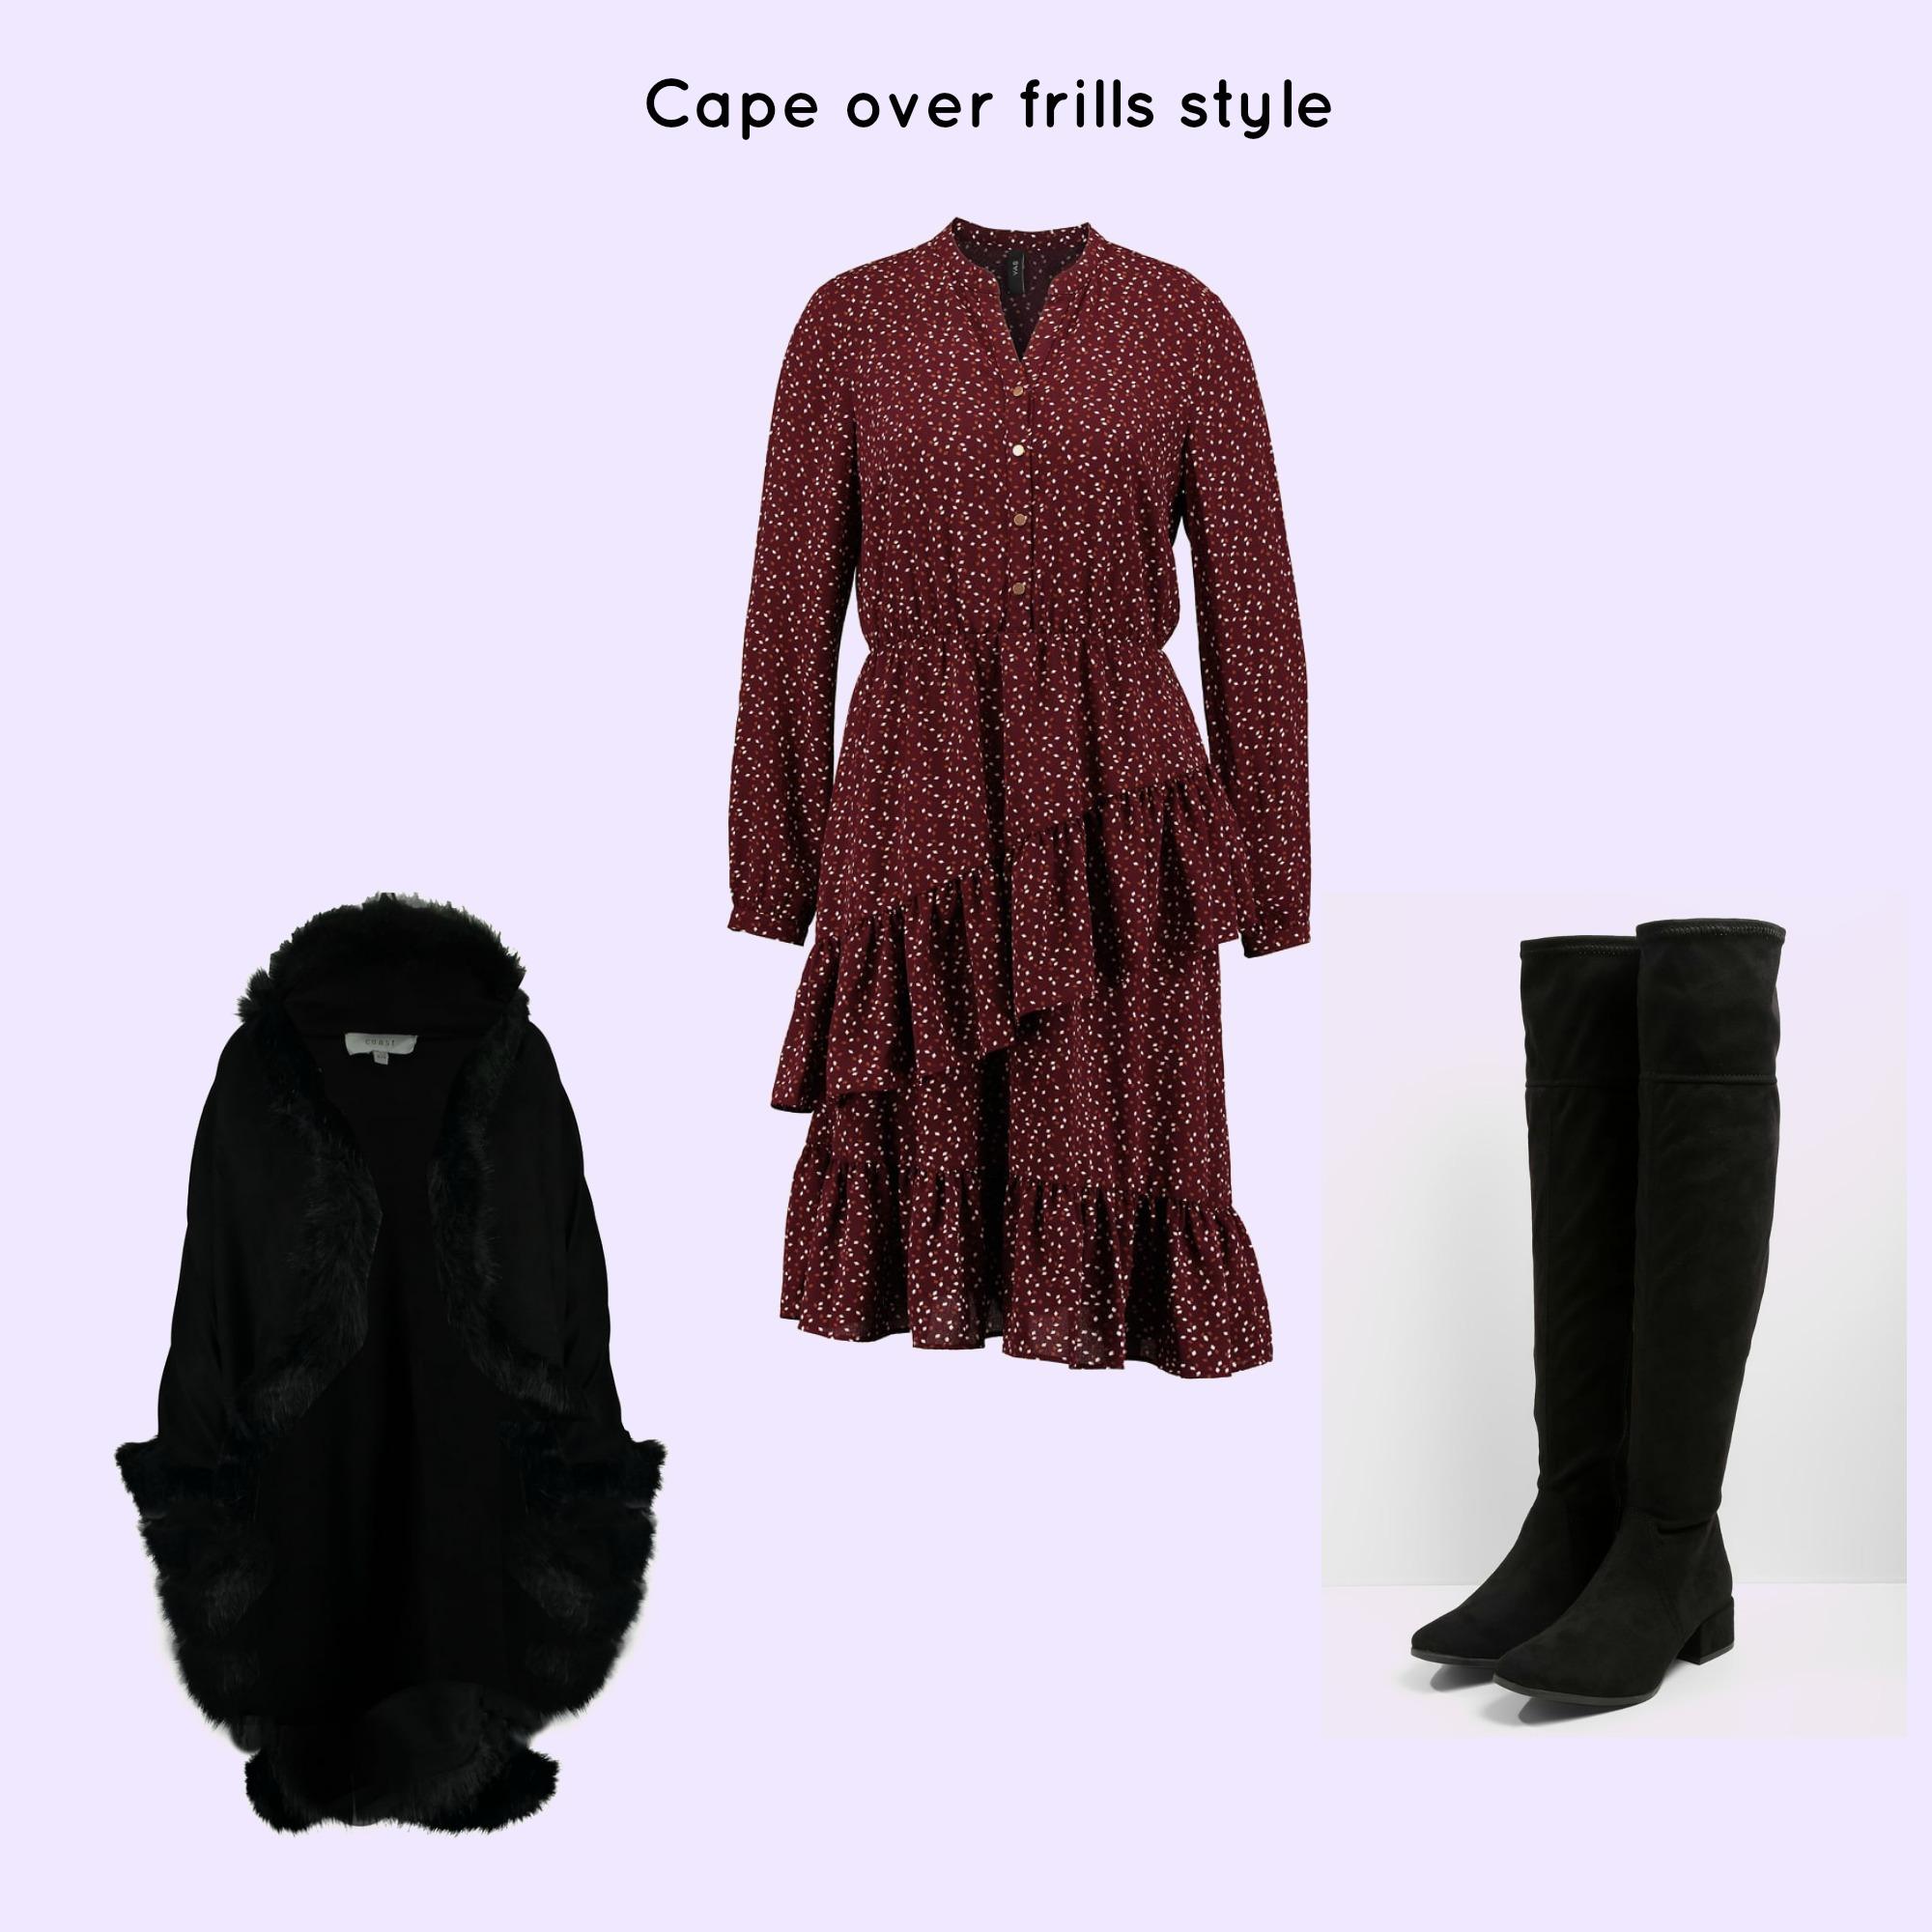 efterår-mode-stil